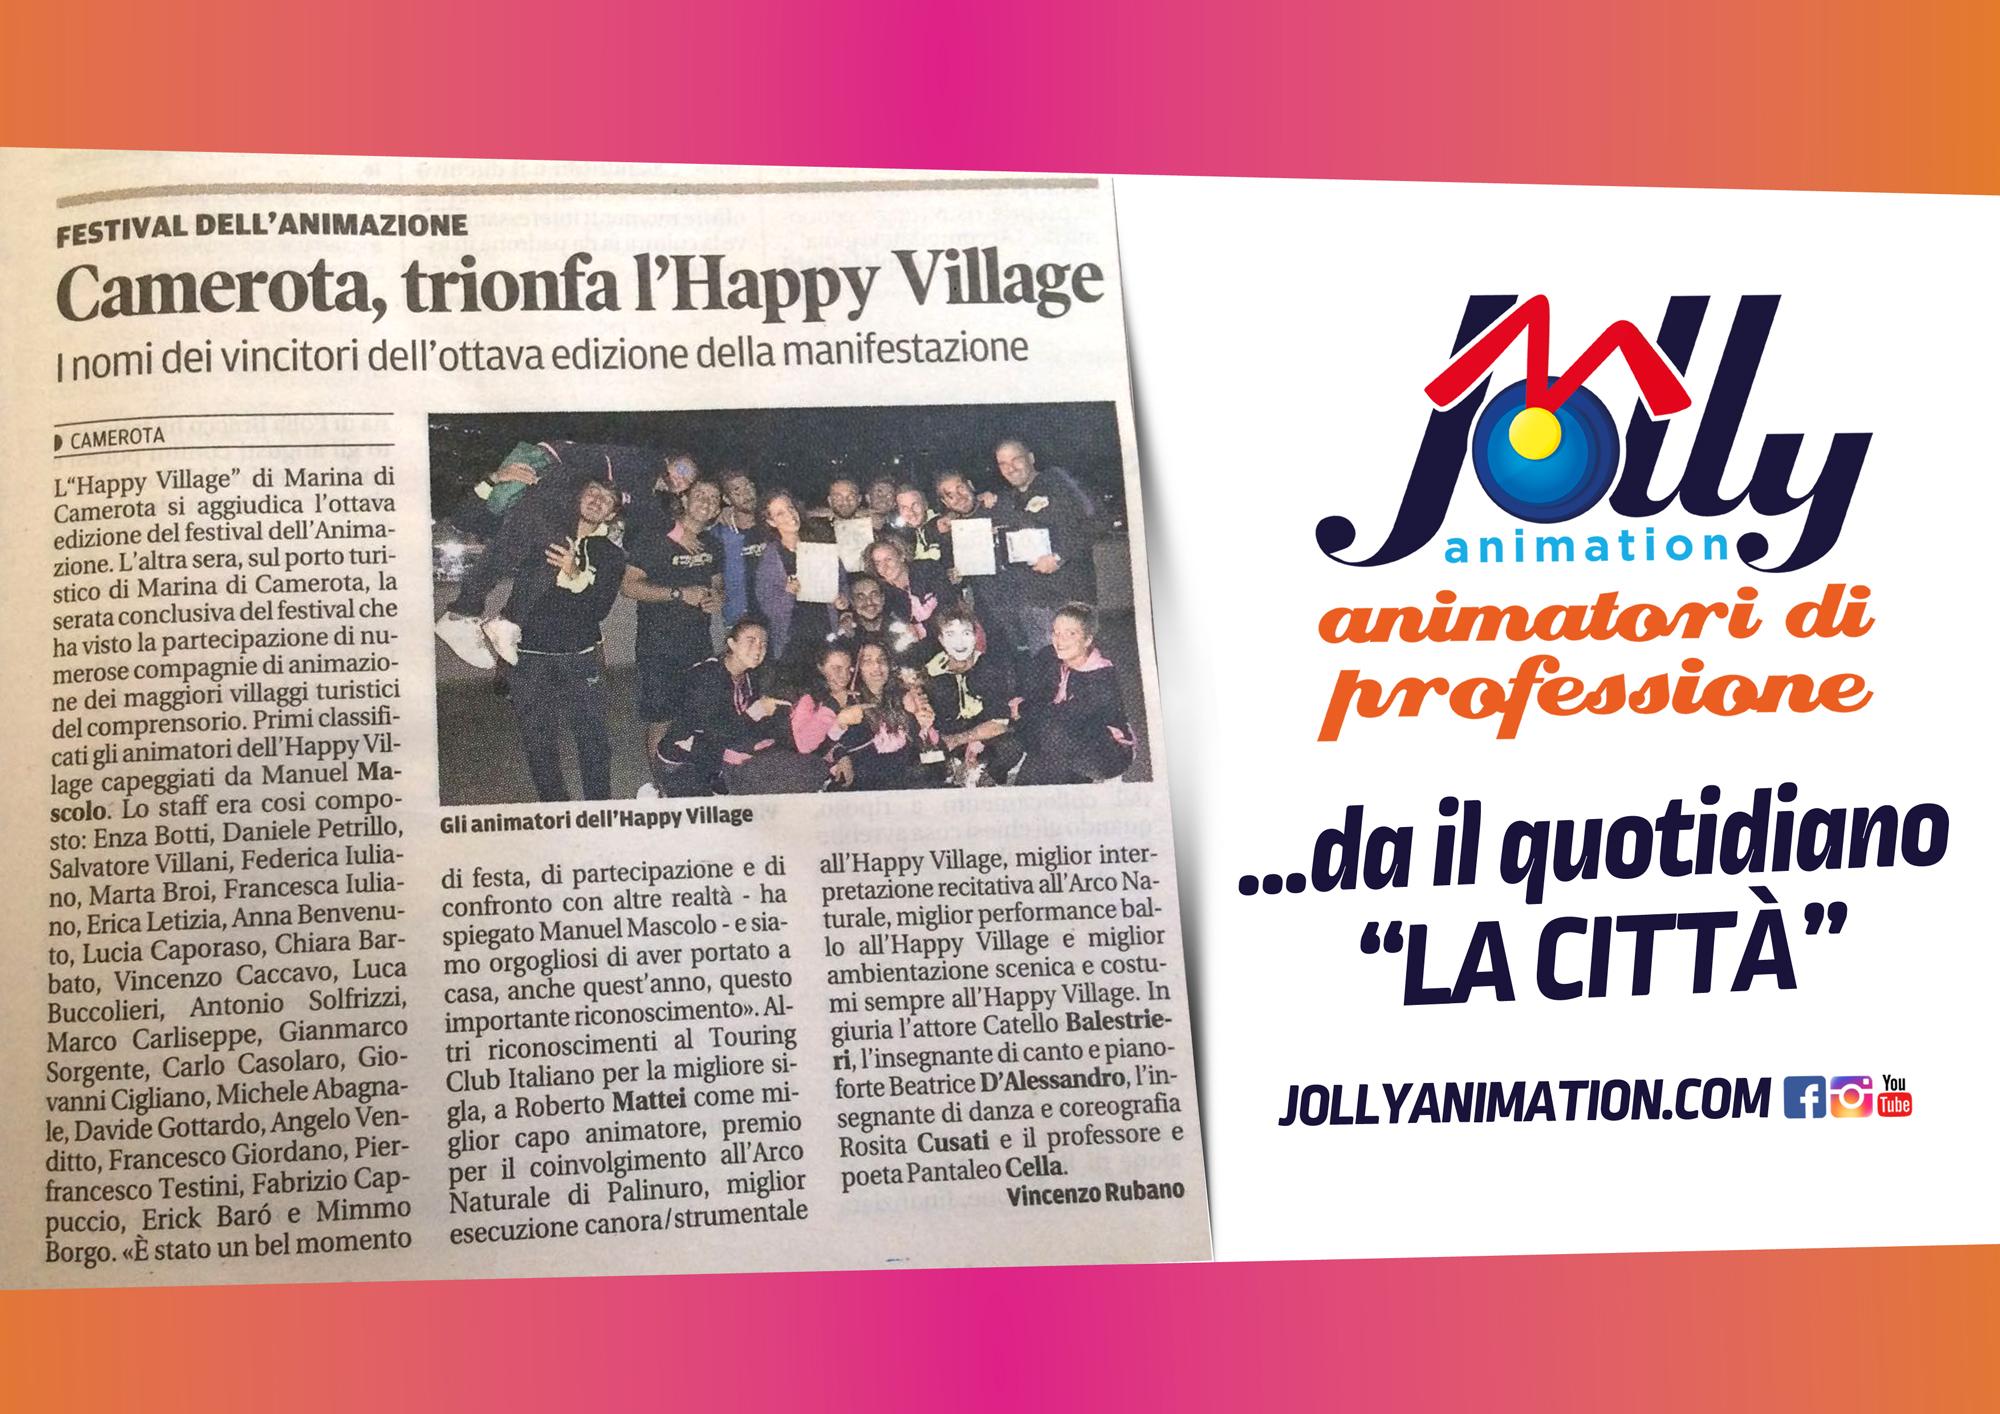 Lo Staff dell'Happy Village trionfa al Festival dell'animazione